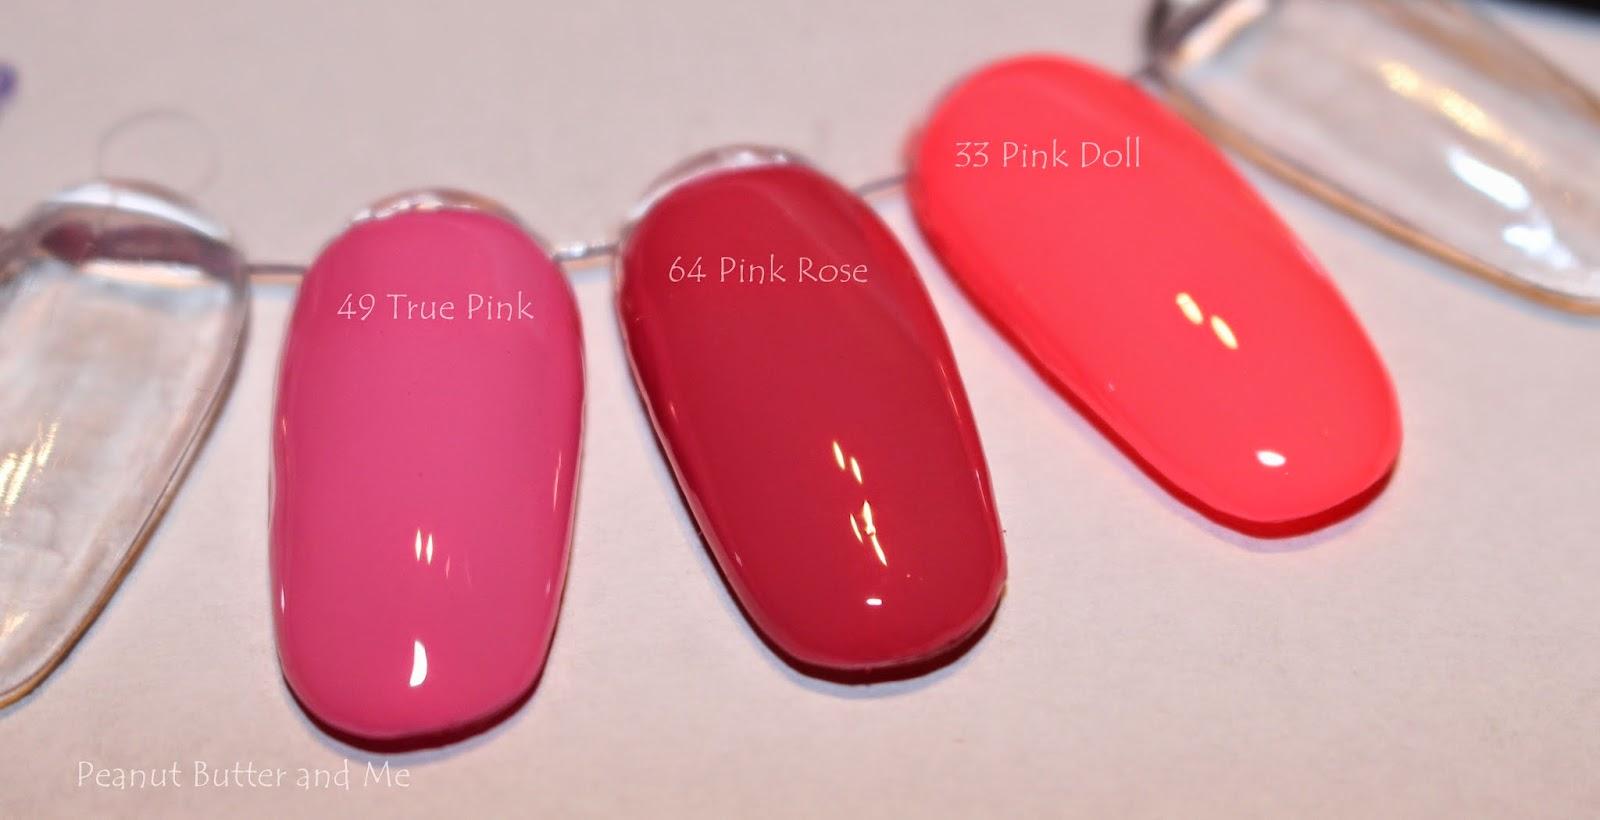 Gel nails semilac poland pink rose 064 64 doll 033 33 true pink 049 49 hybrydy lakier hybrydowy paznokcie nails różowy